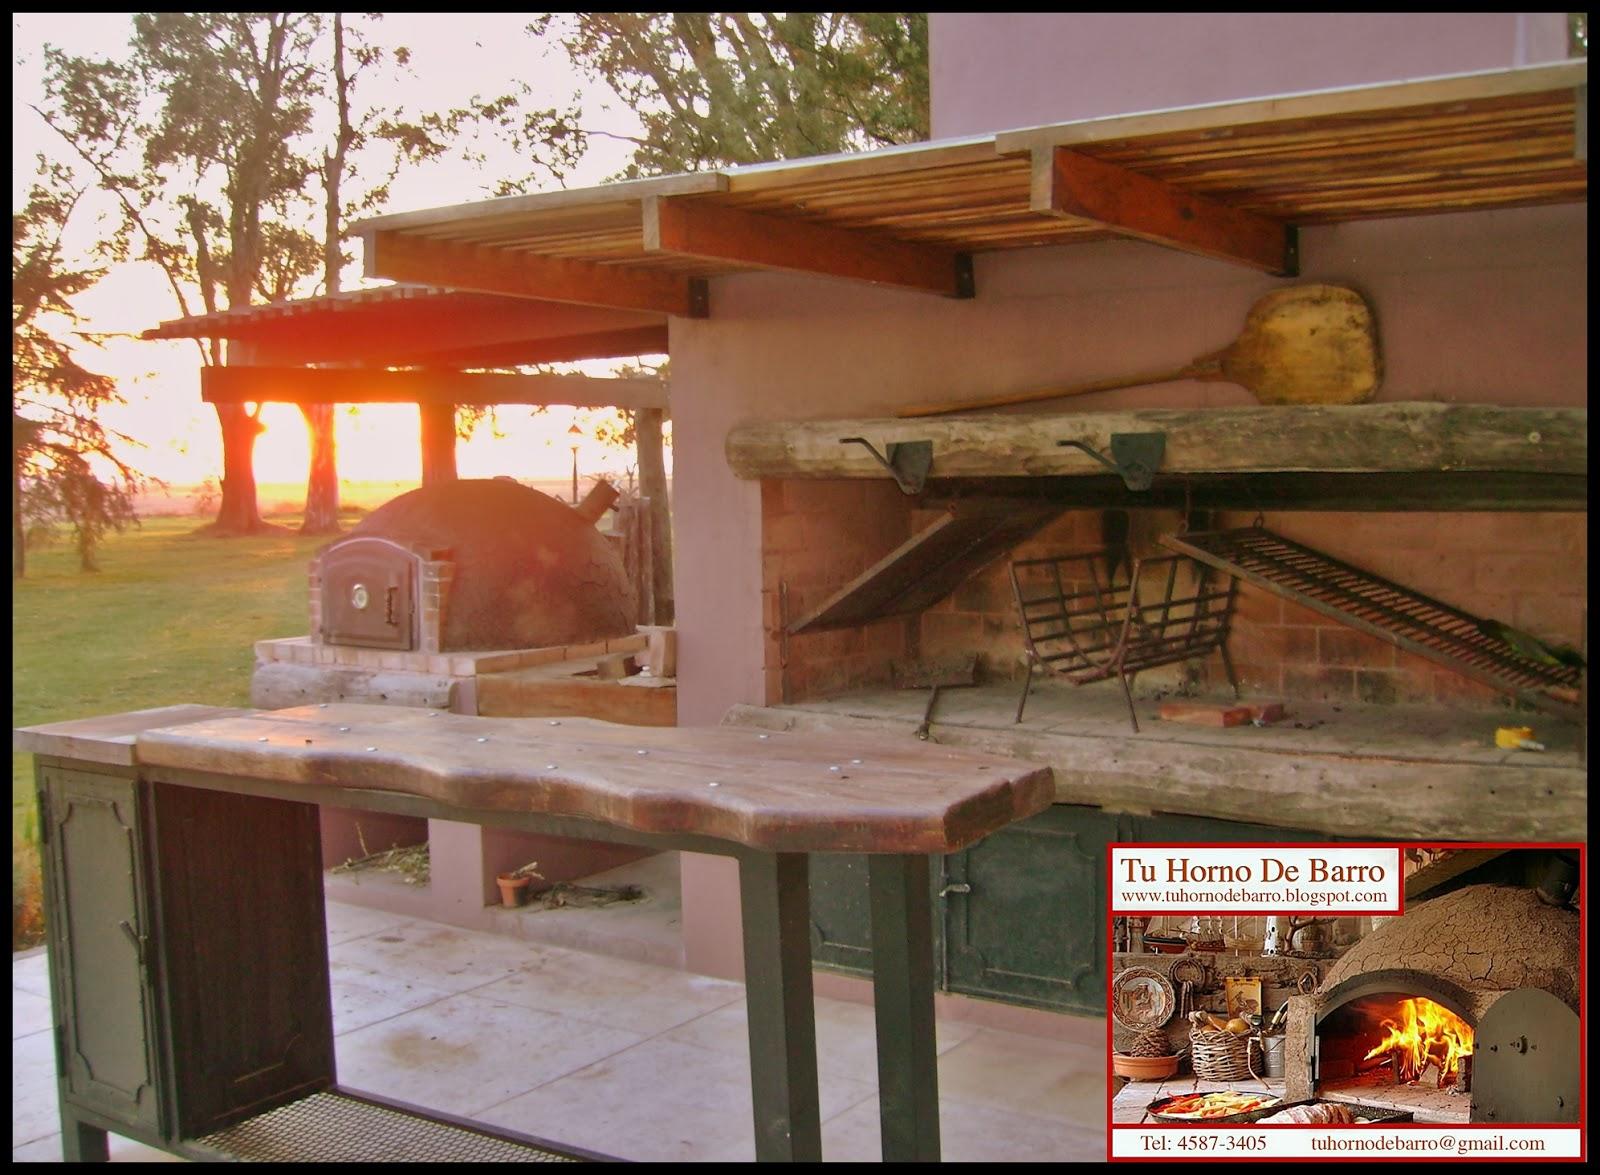 Tu horno de barro hornos de barro argentina buenos aires zona norte sur oeste hornos de - Hornos de barro ...